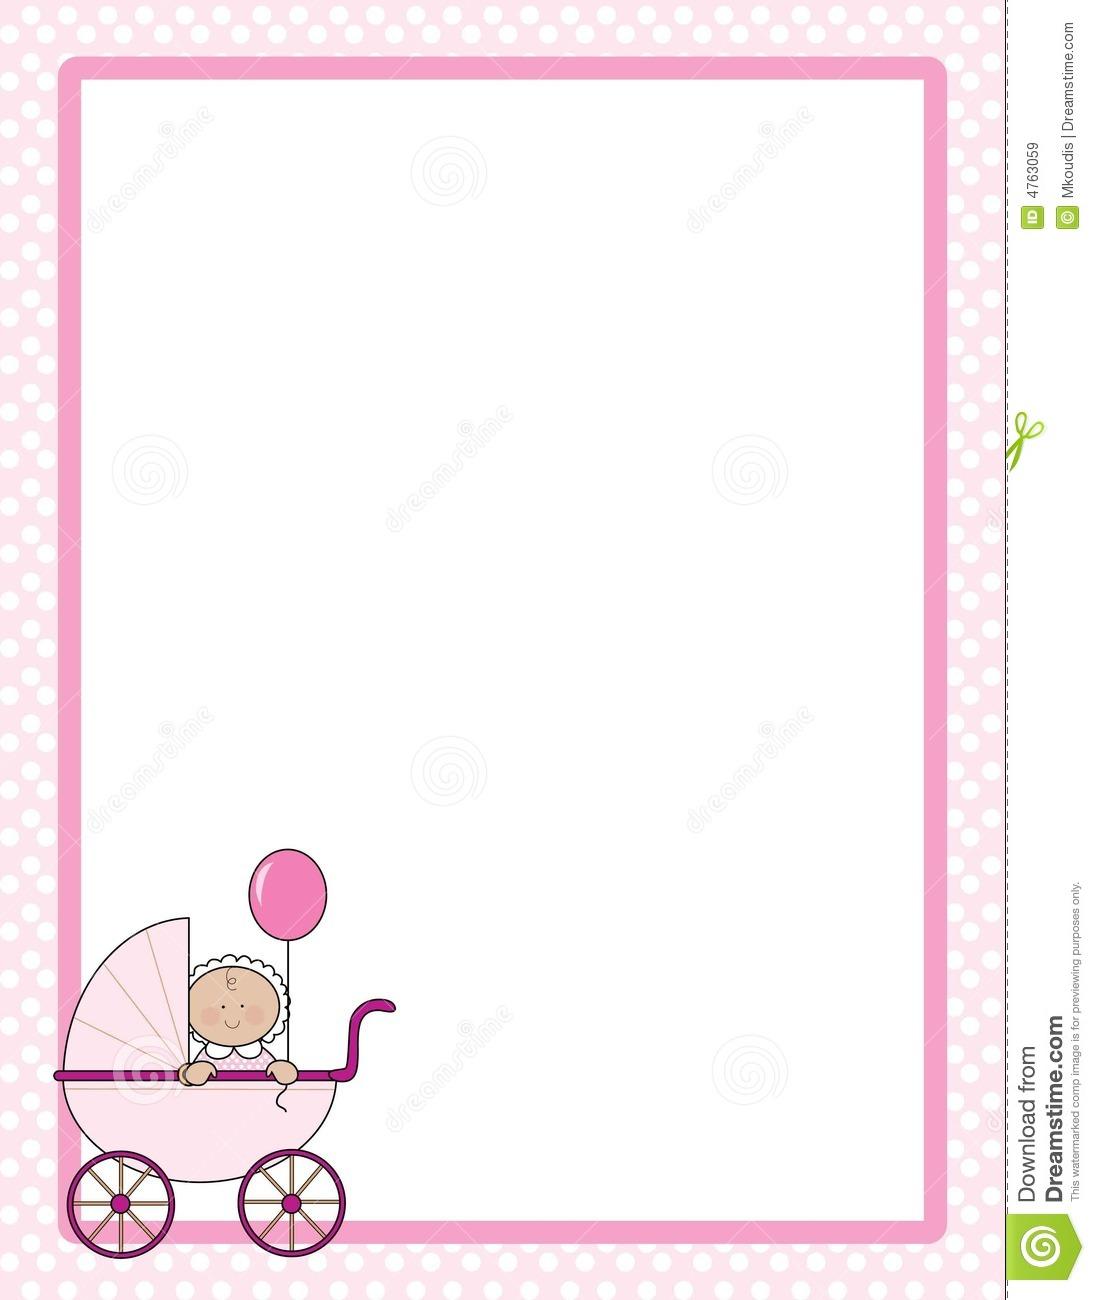 Baby Shower Clipart Girl Border.